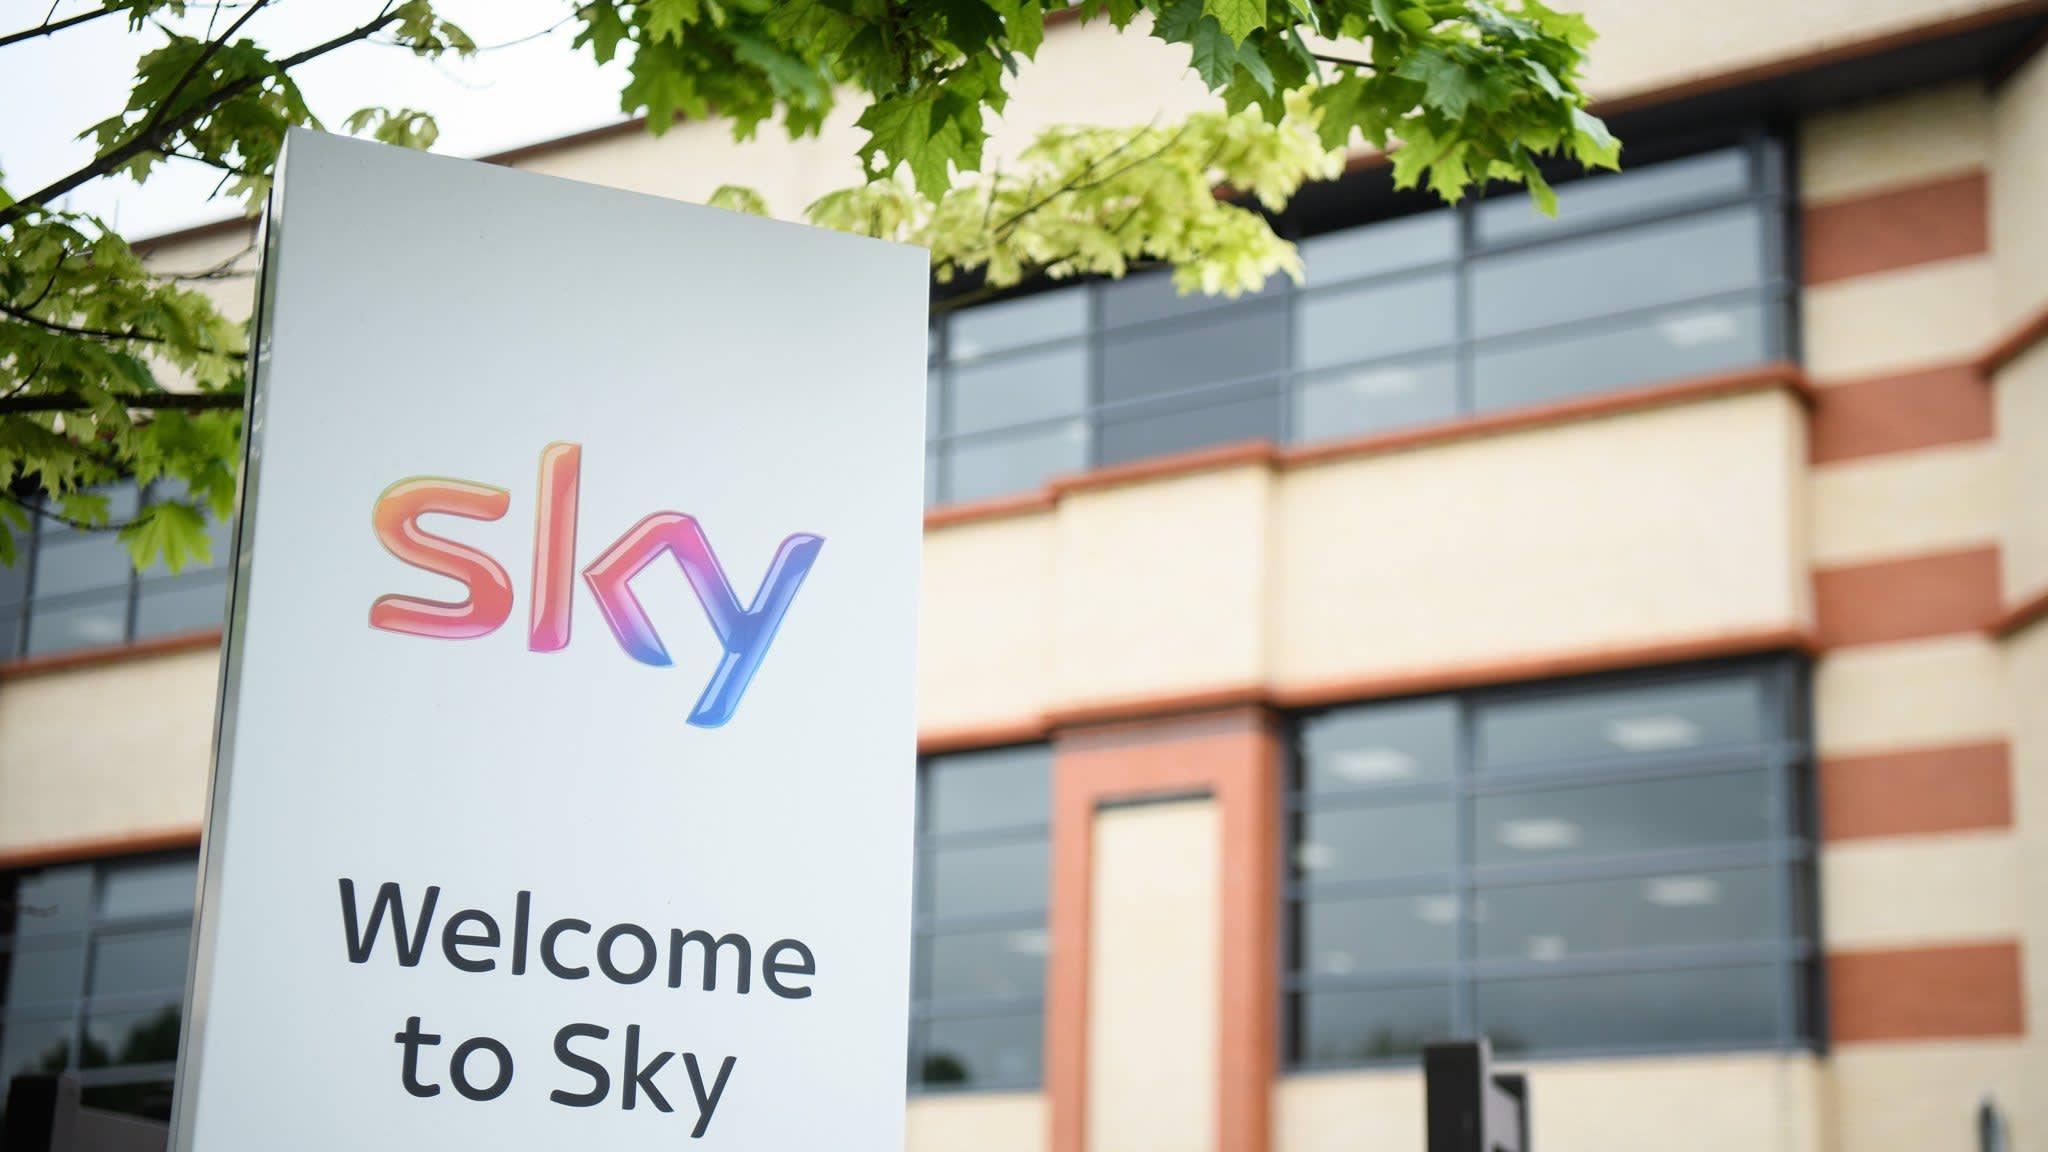 Fox prepares new Sky offer to outbid Comcast